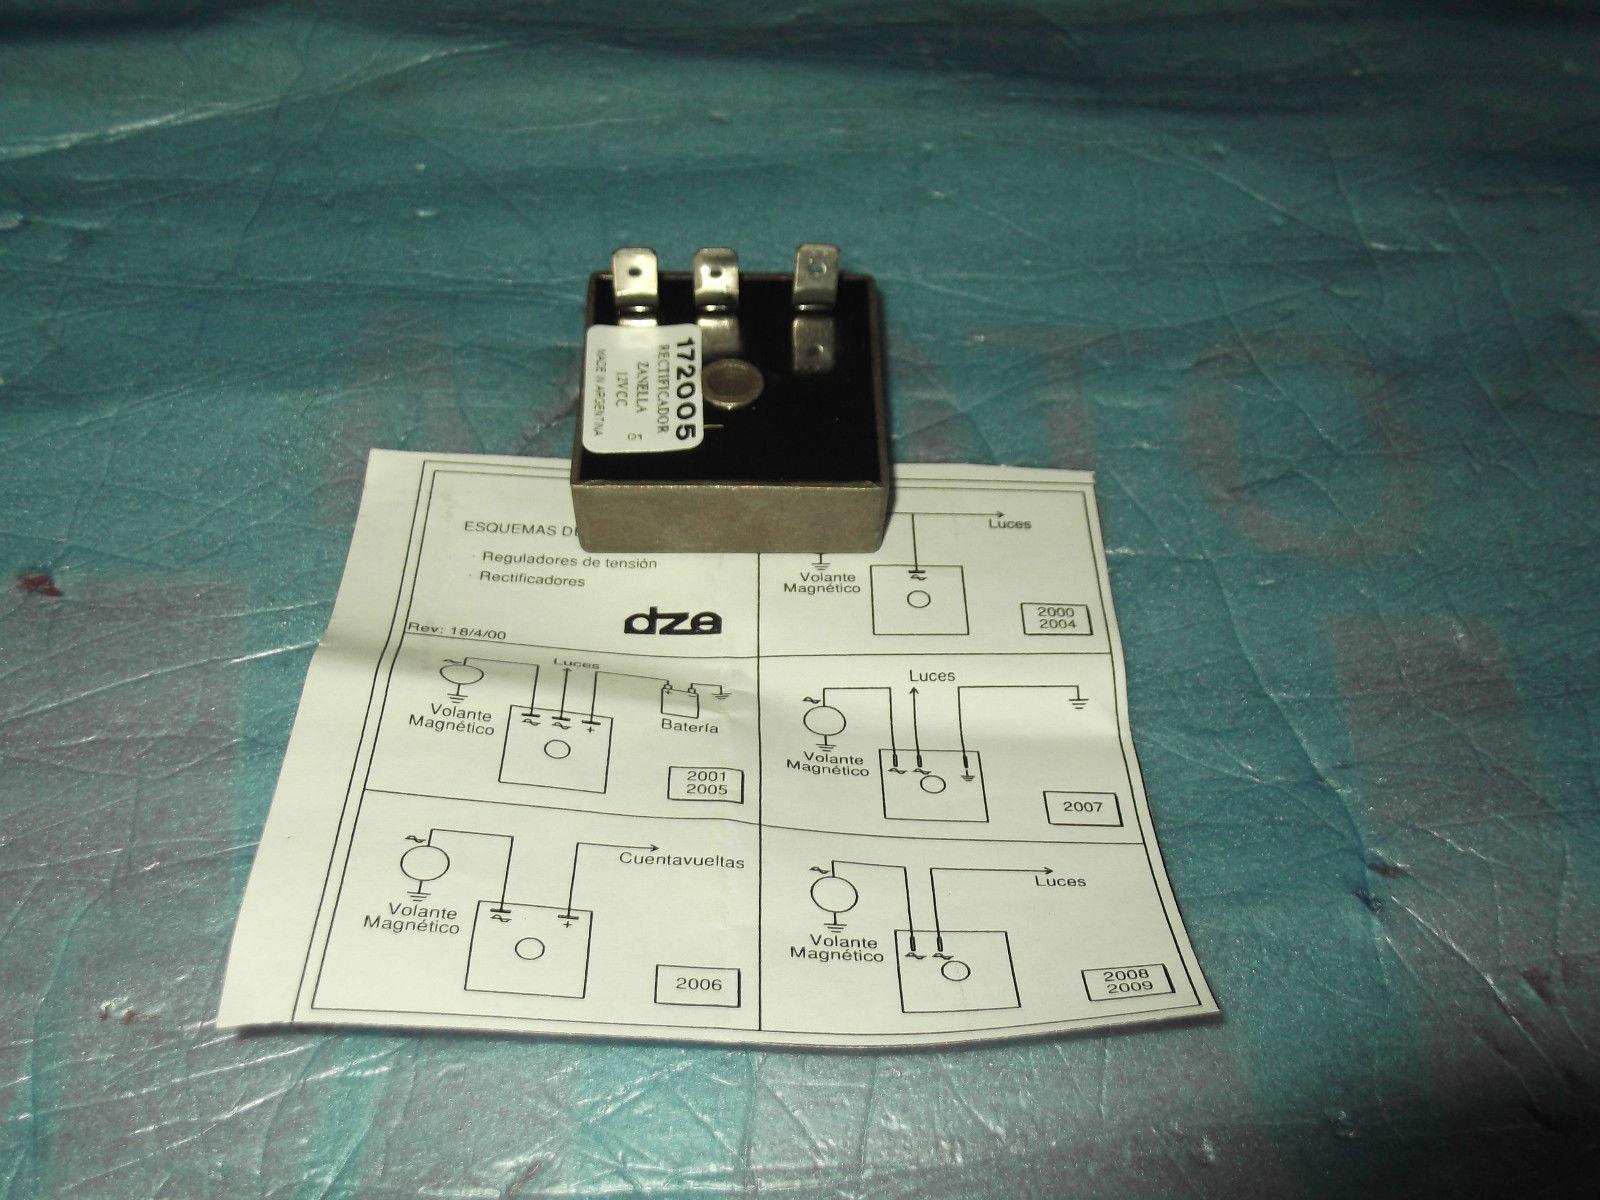 Schema Elettrico Regolatore Di Tensione Ducati : Regolatore di tensione tuboni